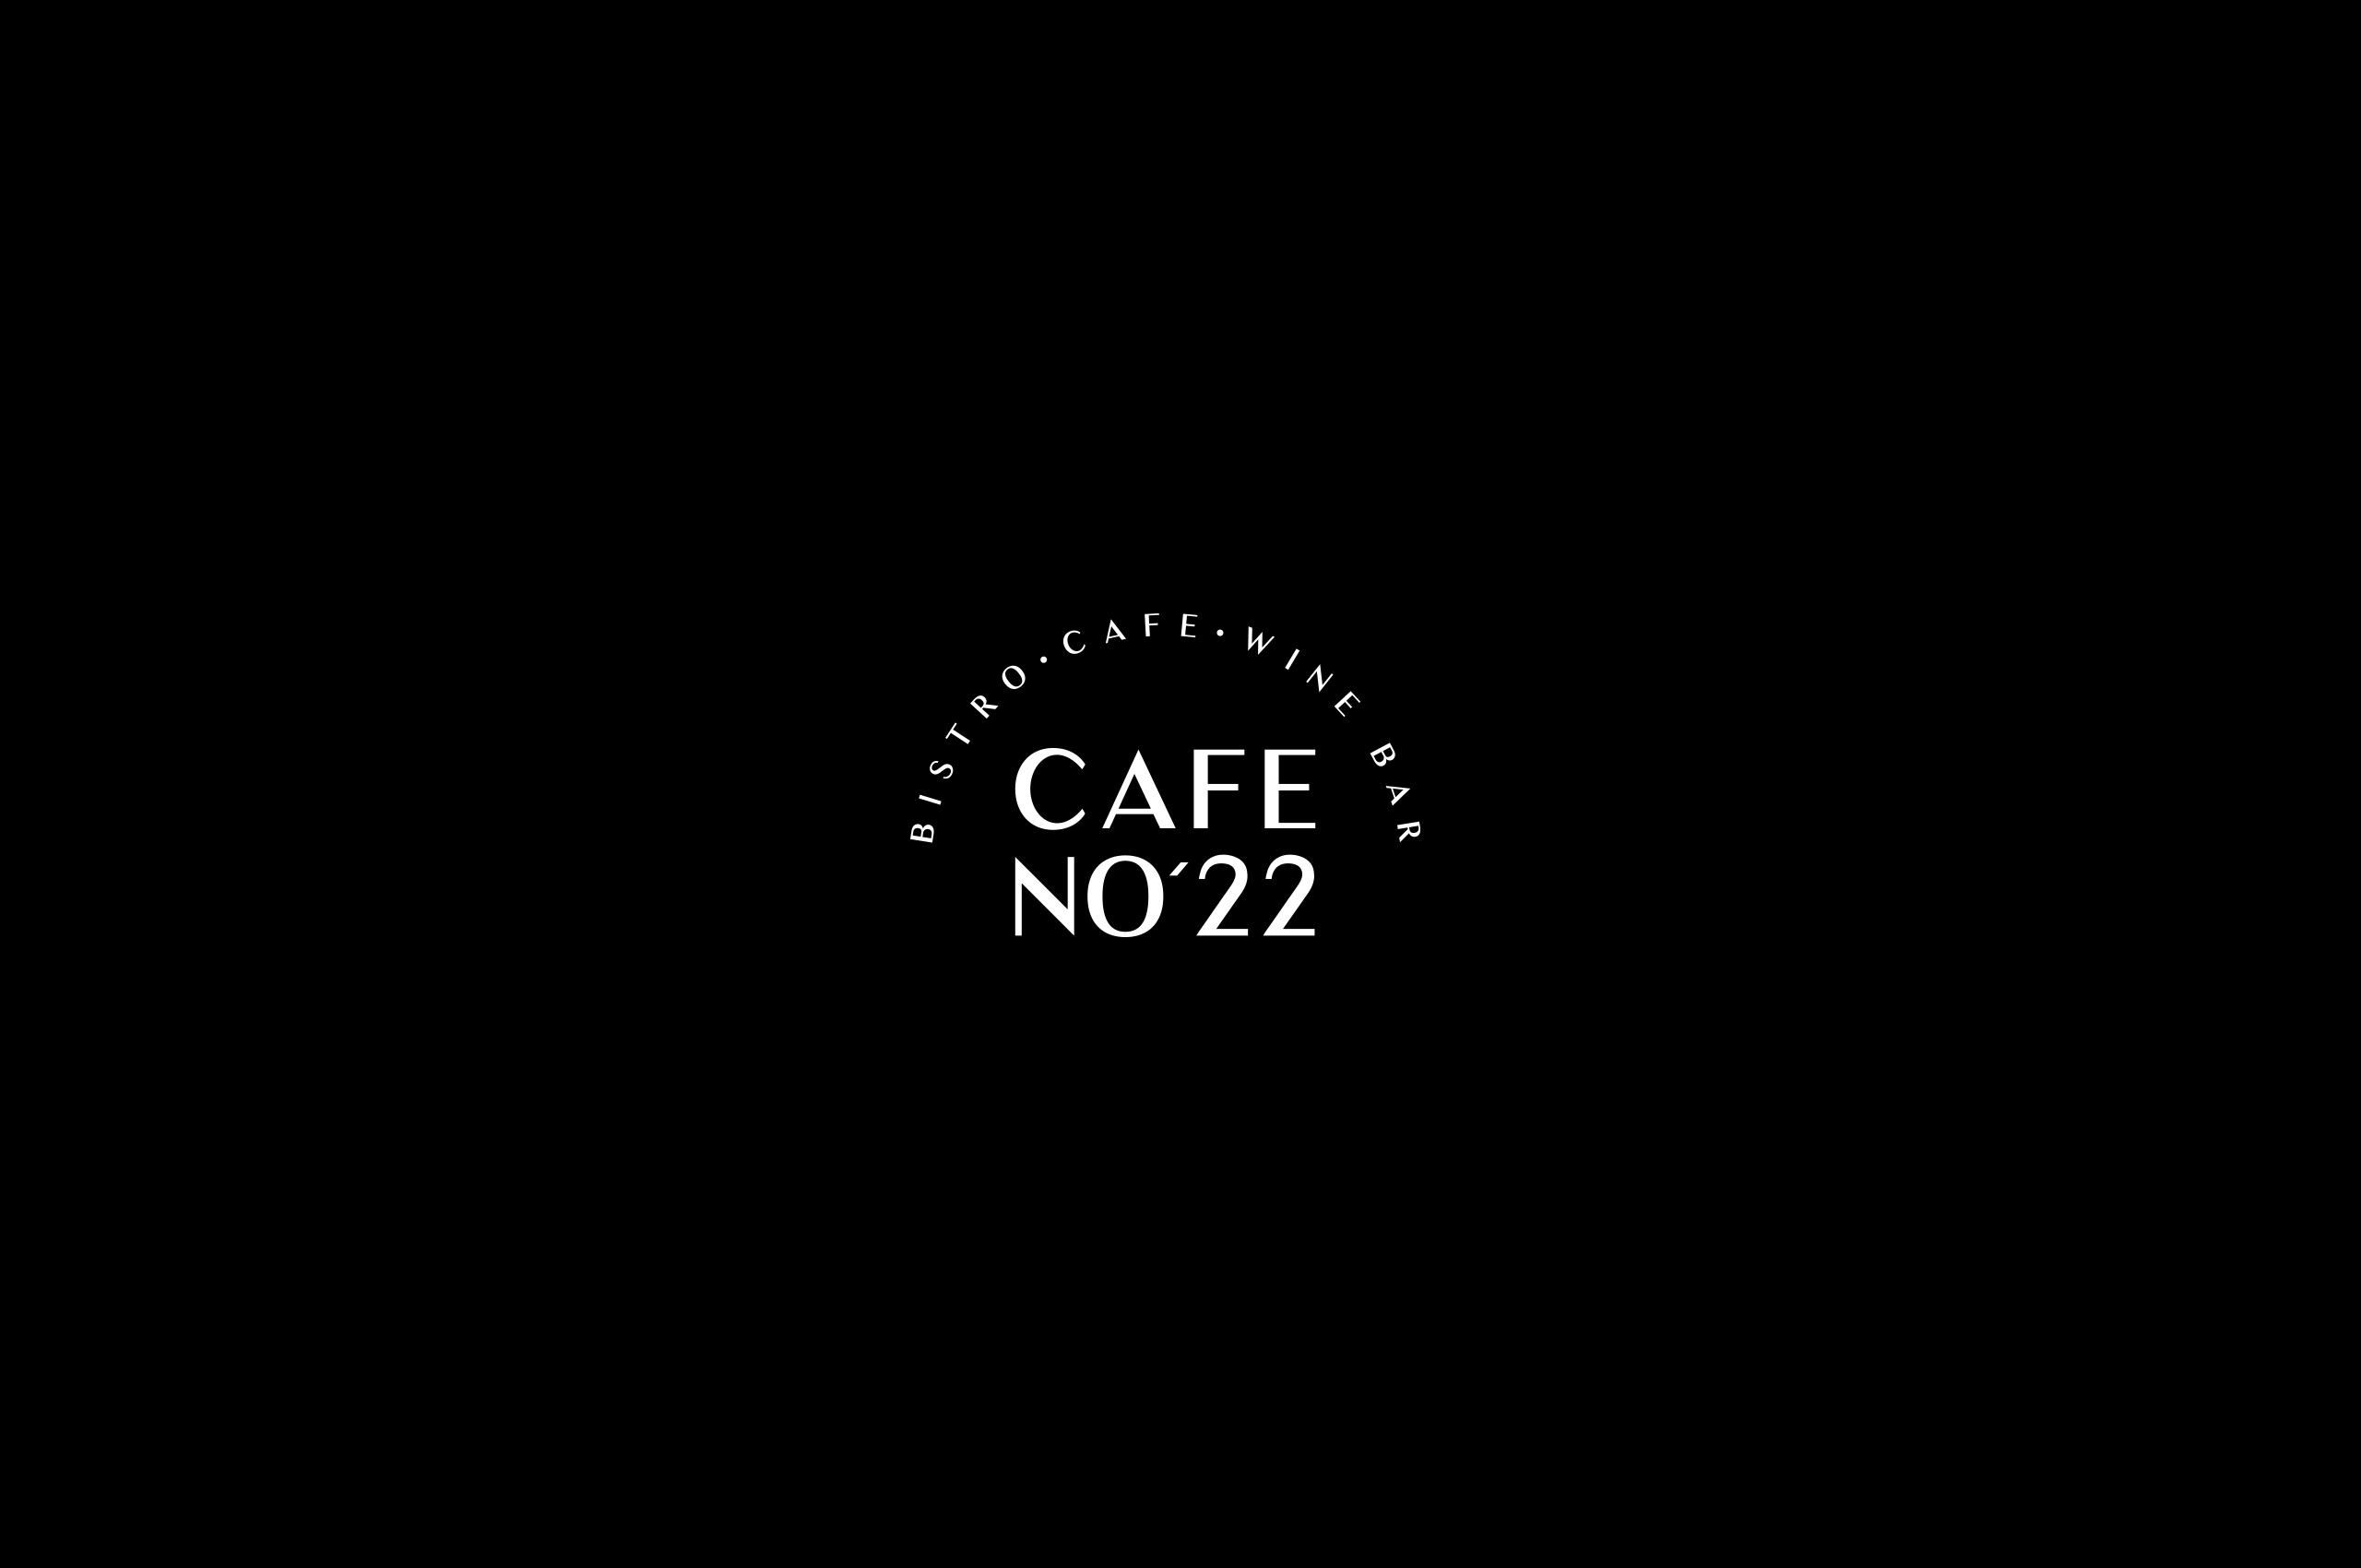 logocollection-2021-12